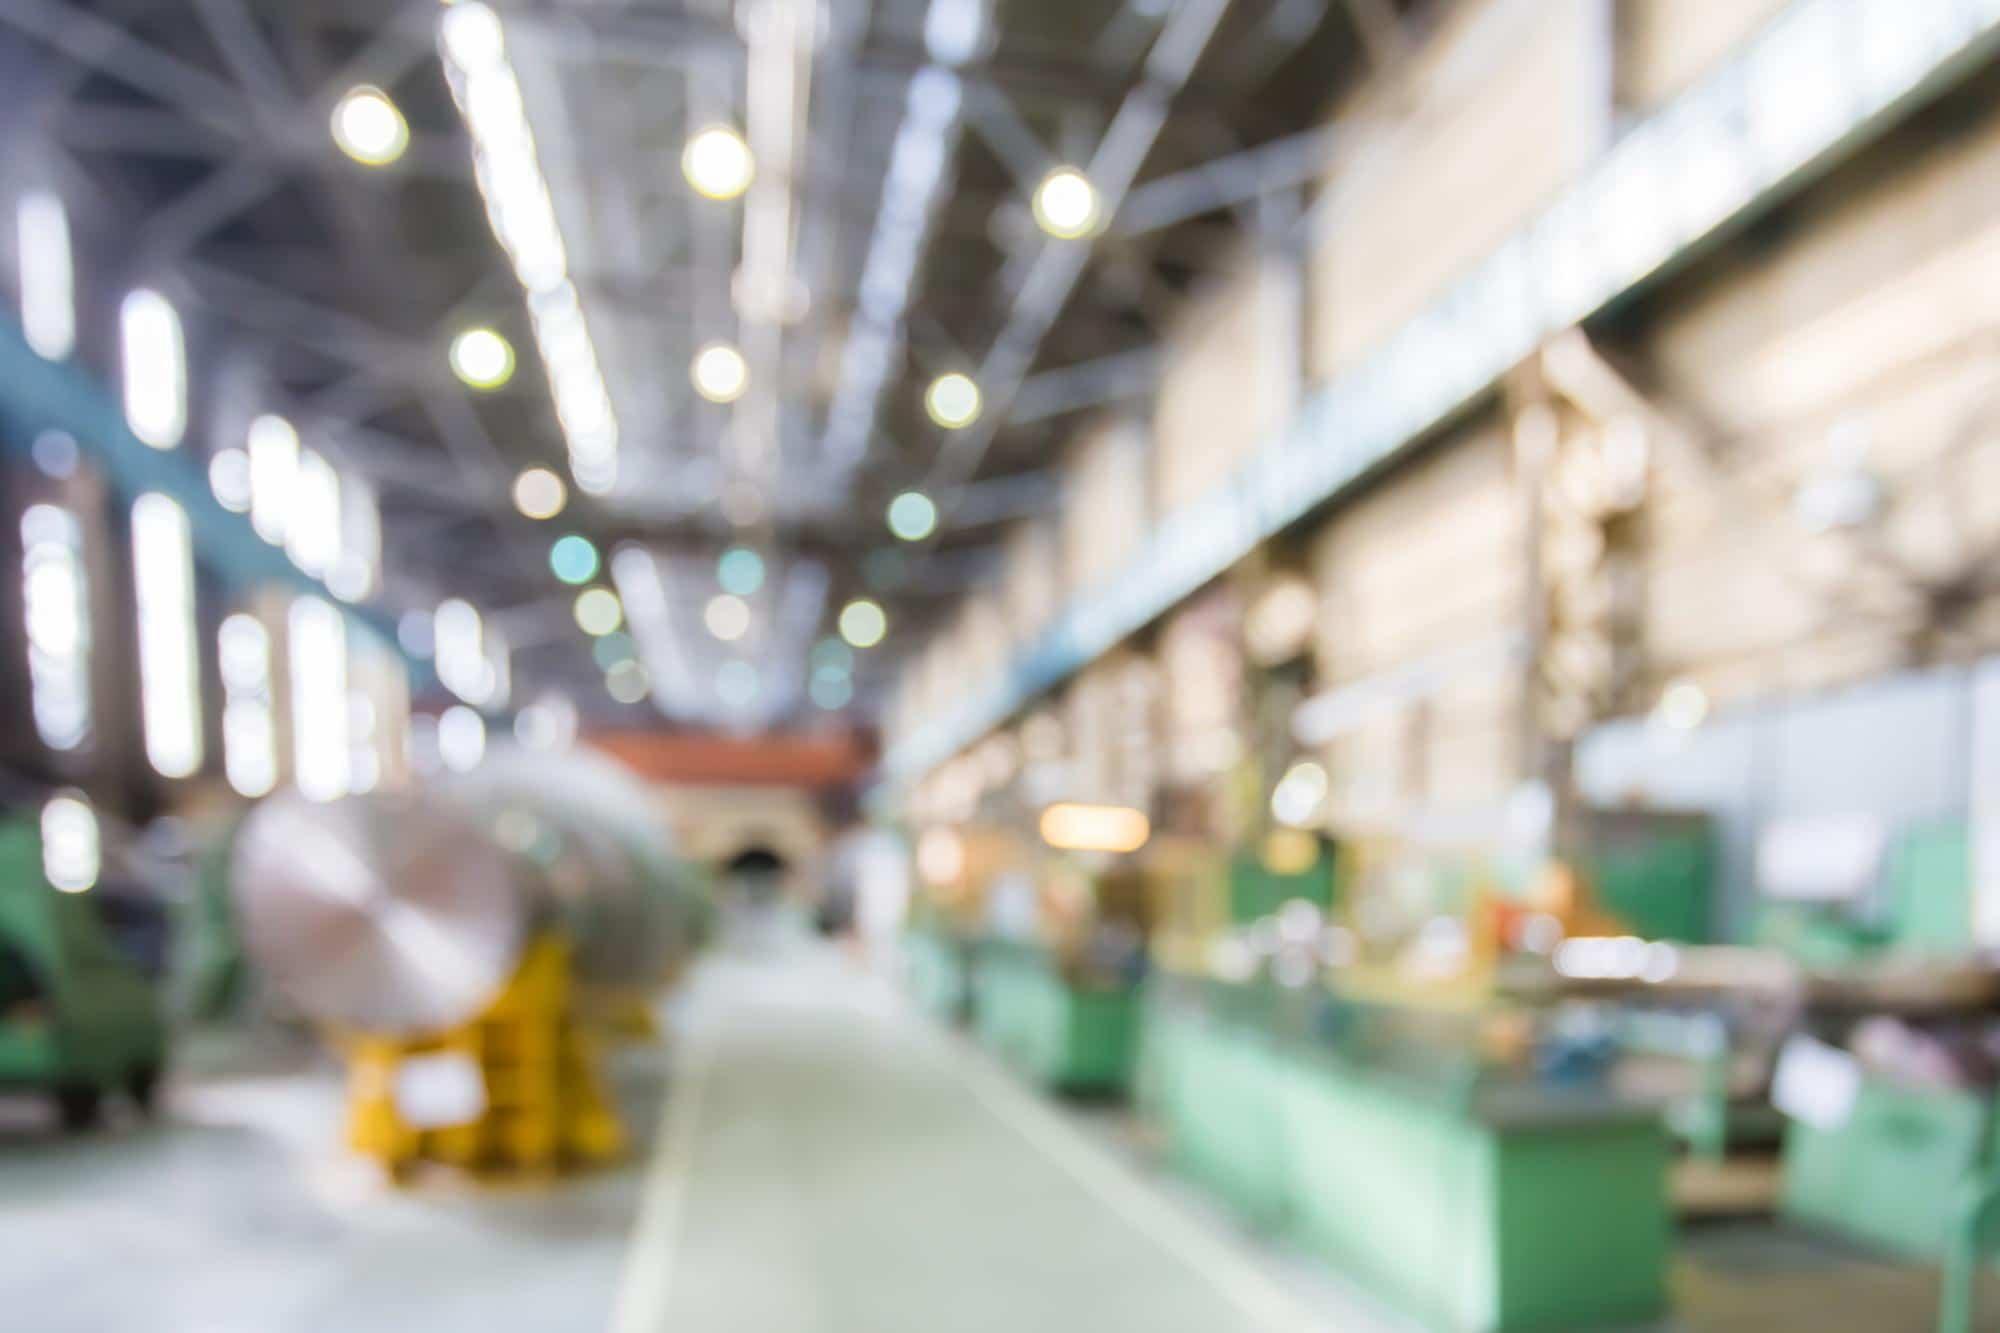 stock-photo-factory-shop-in-bokeh-defocused-background-372933151 (1)-900469-edited.jpg